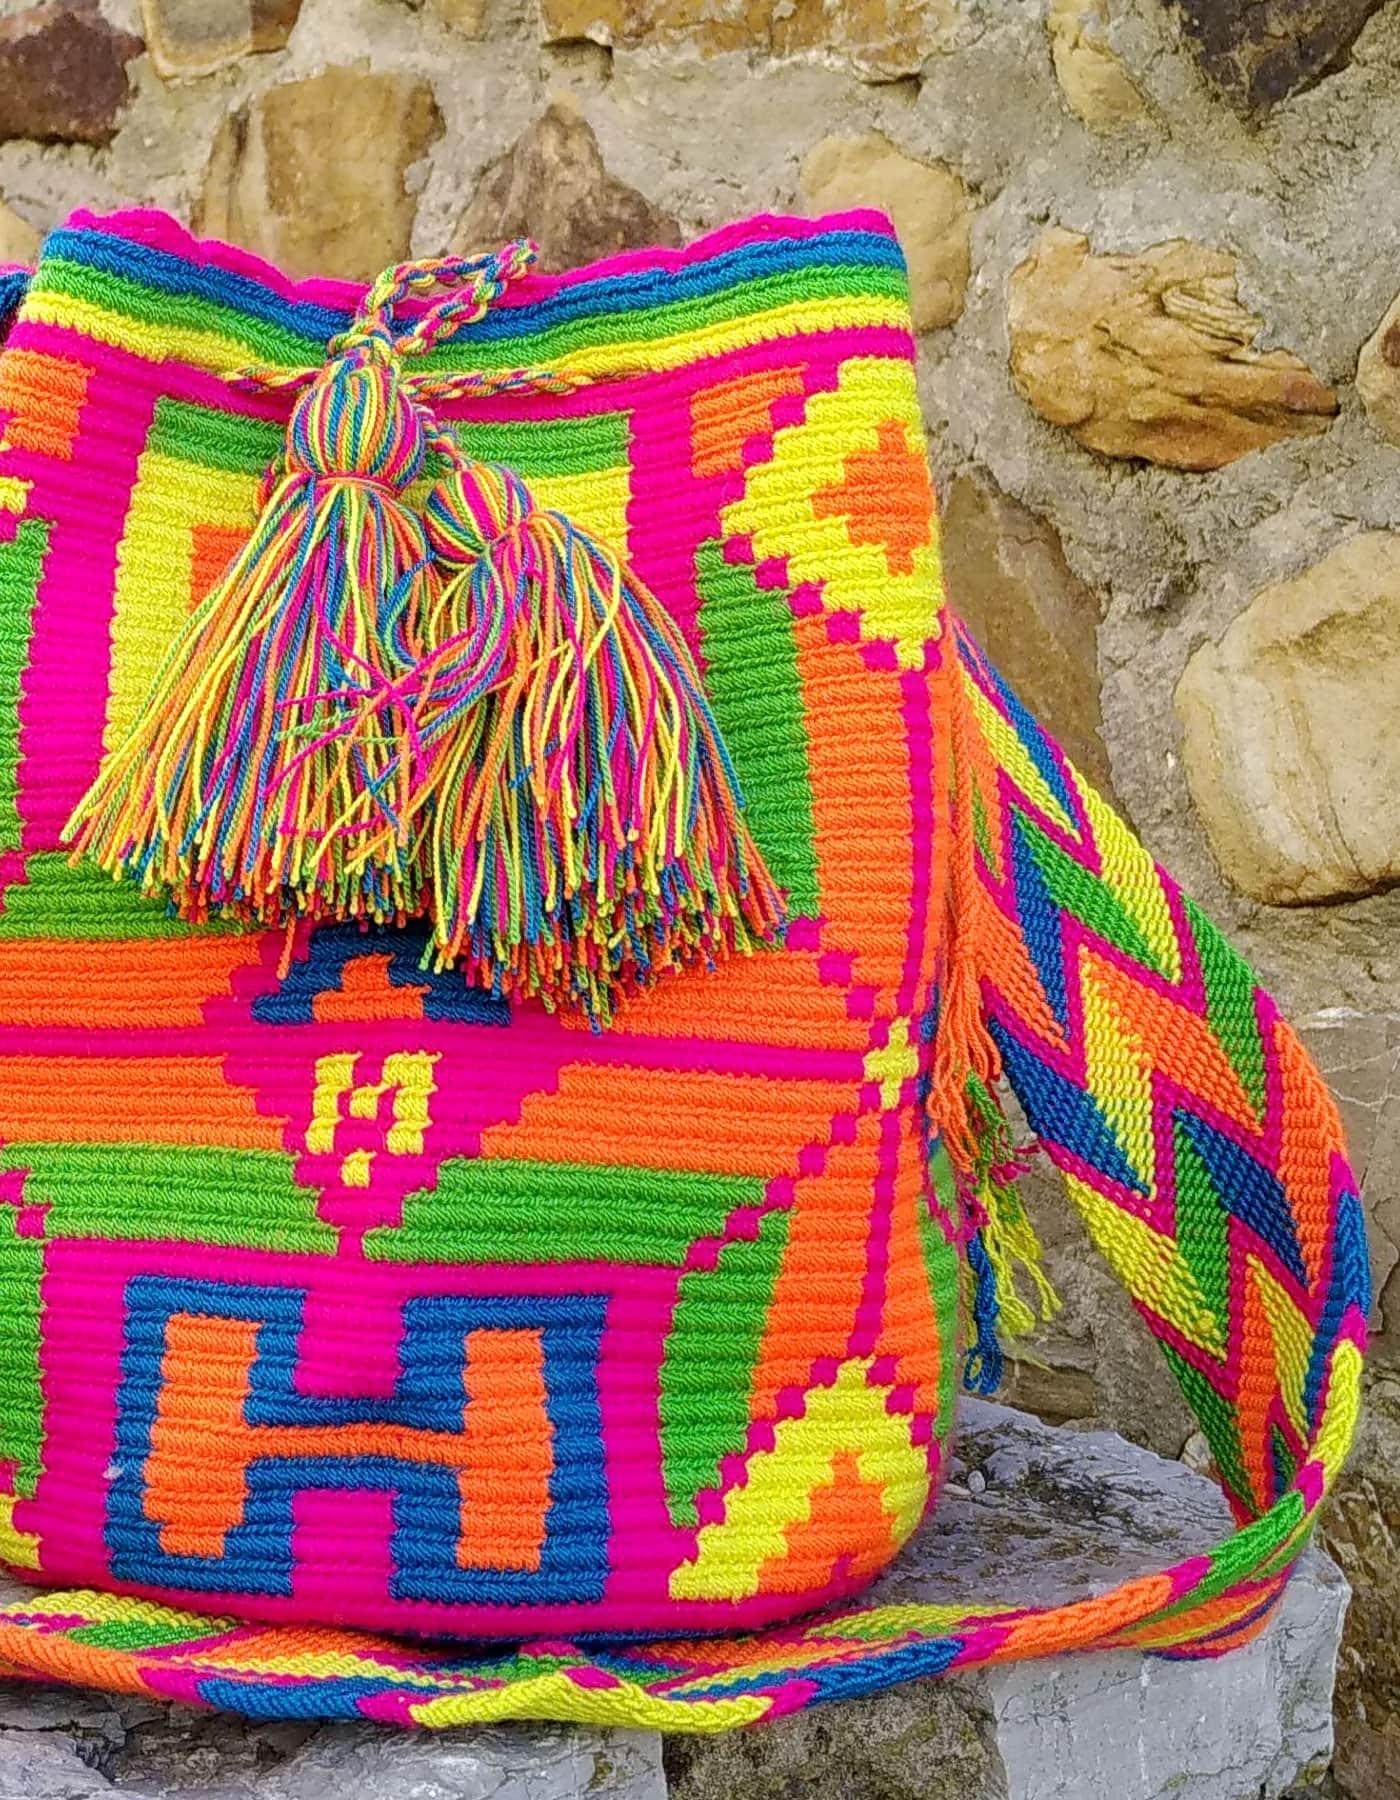 Bolso Wayuu Artesanal, Auténtico y Original (sólo 1 igual) con motivos tribales en naranja, rosa, verde, azul y amarillo A